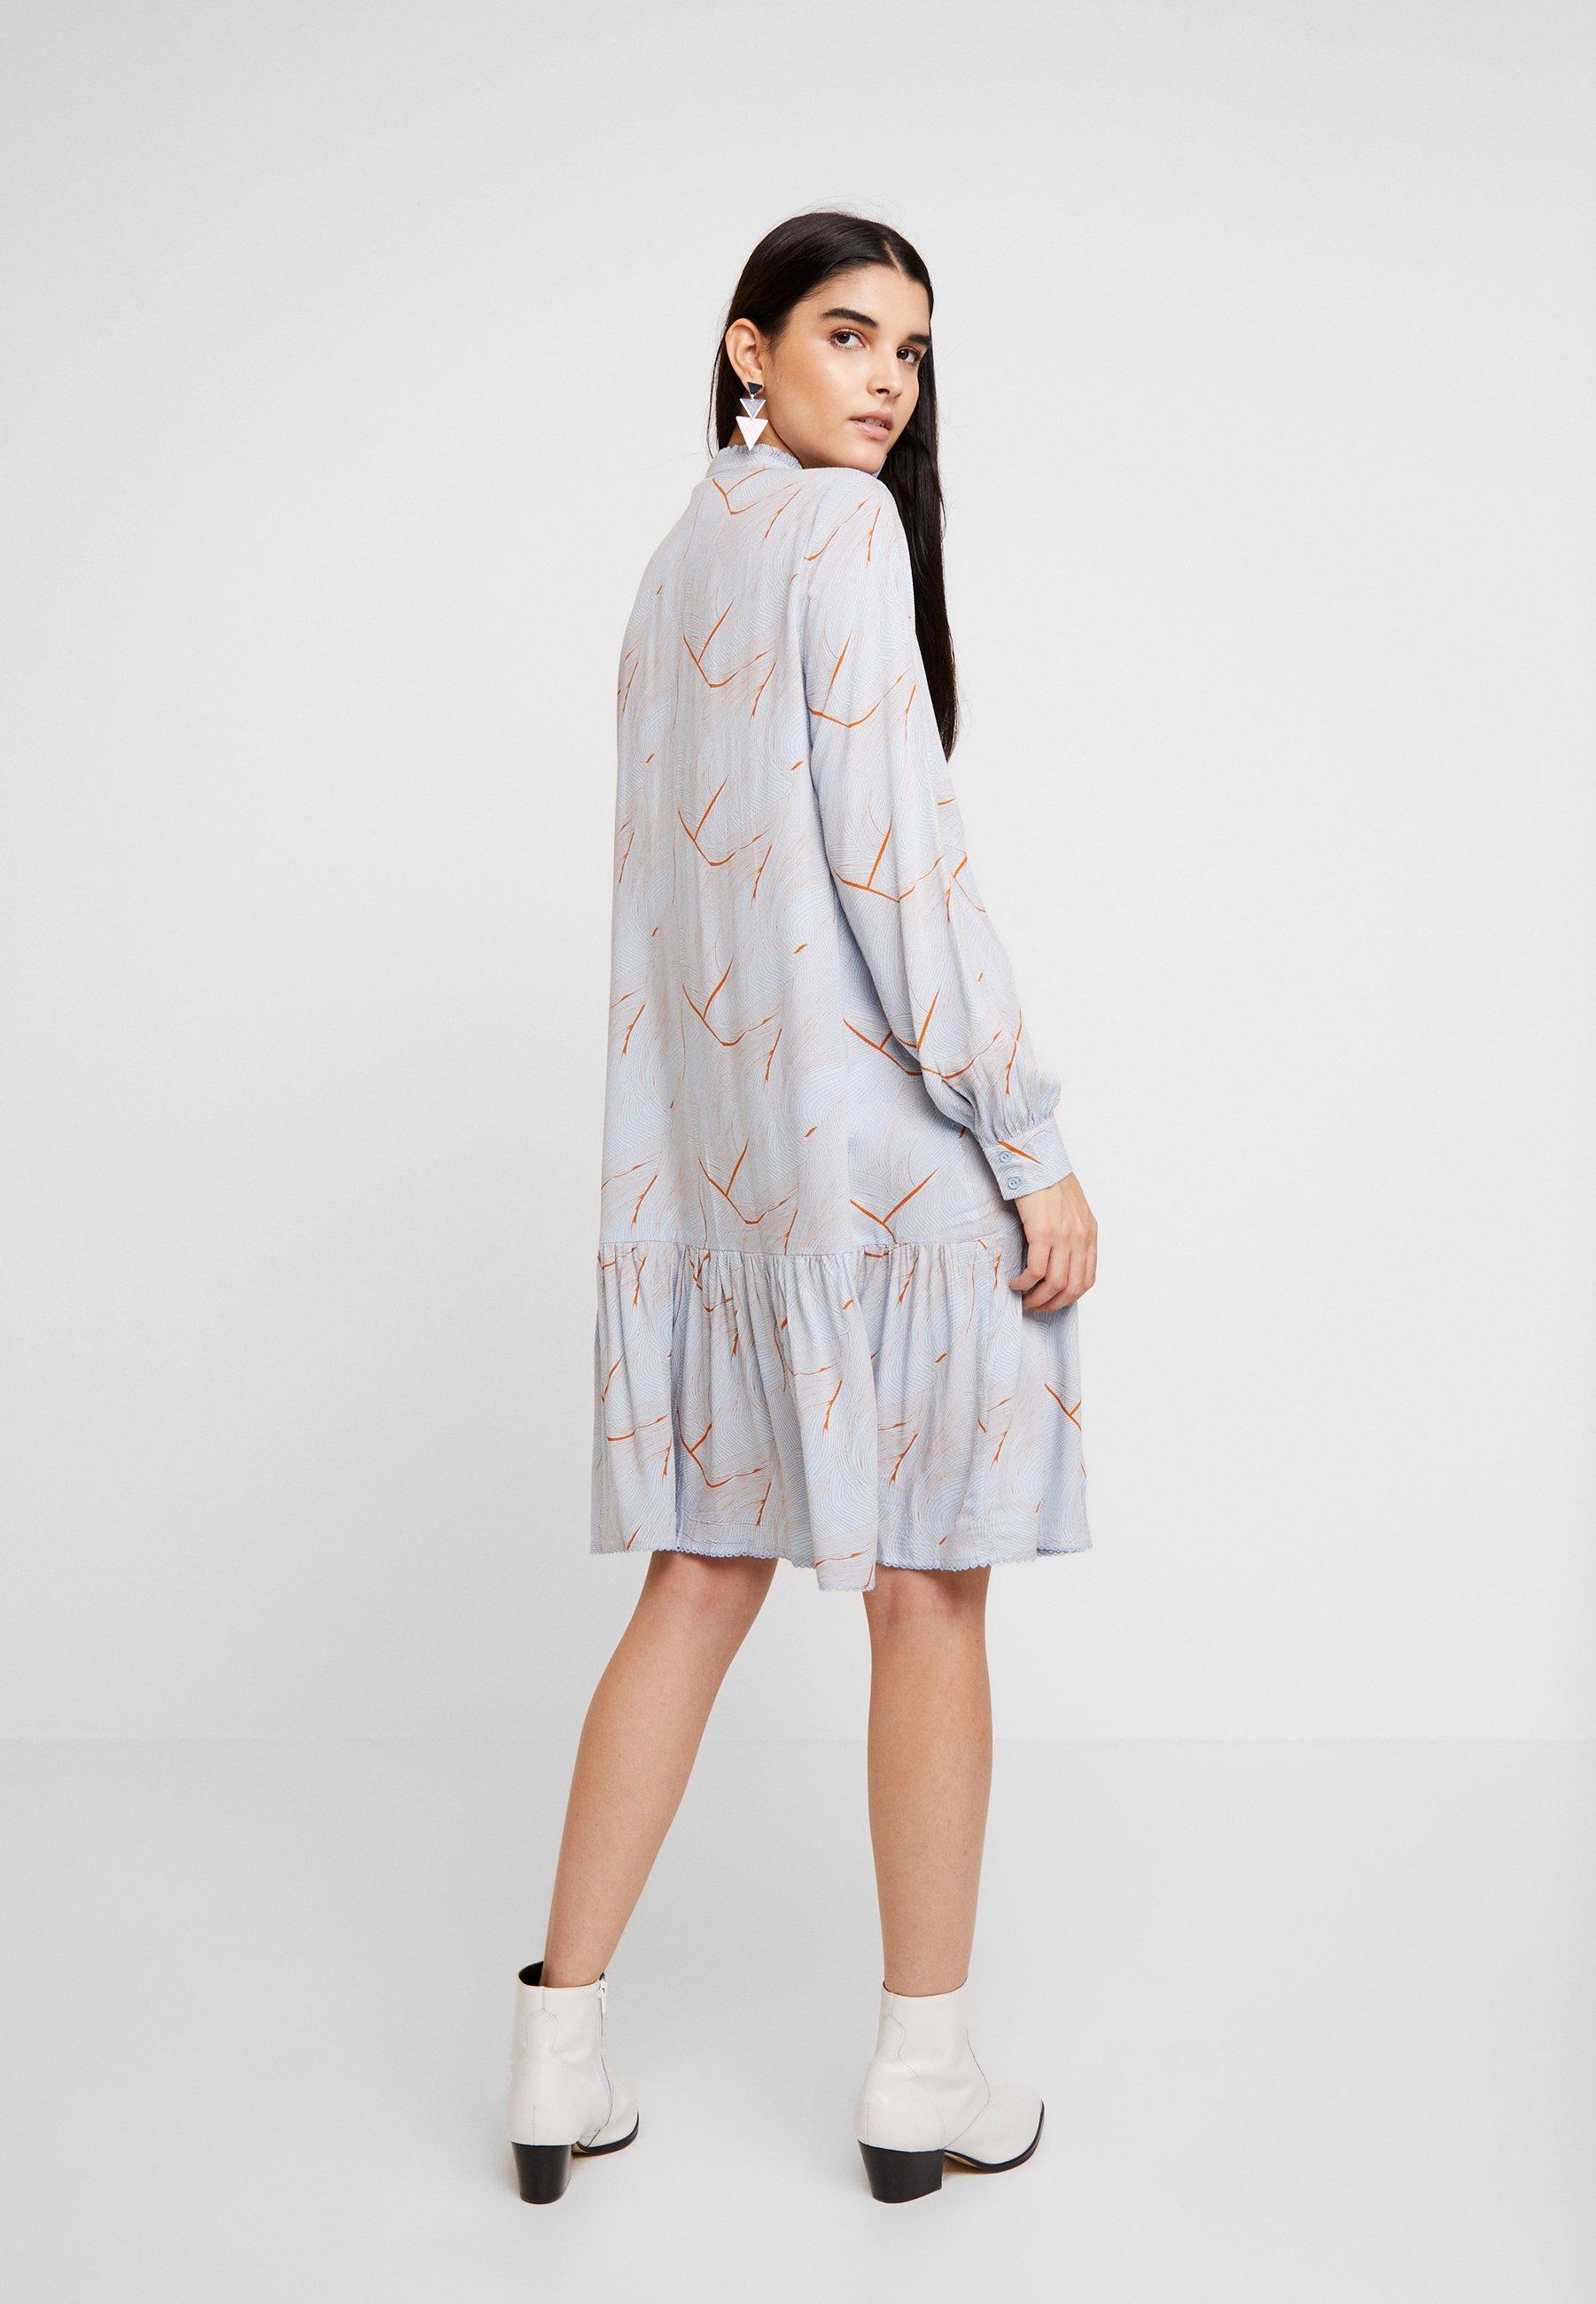 Yaswaves Dusk Blue DressAbito A Yas Camicia OiZPukXT